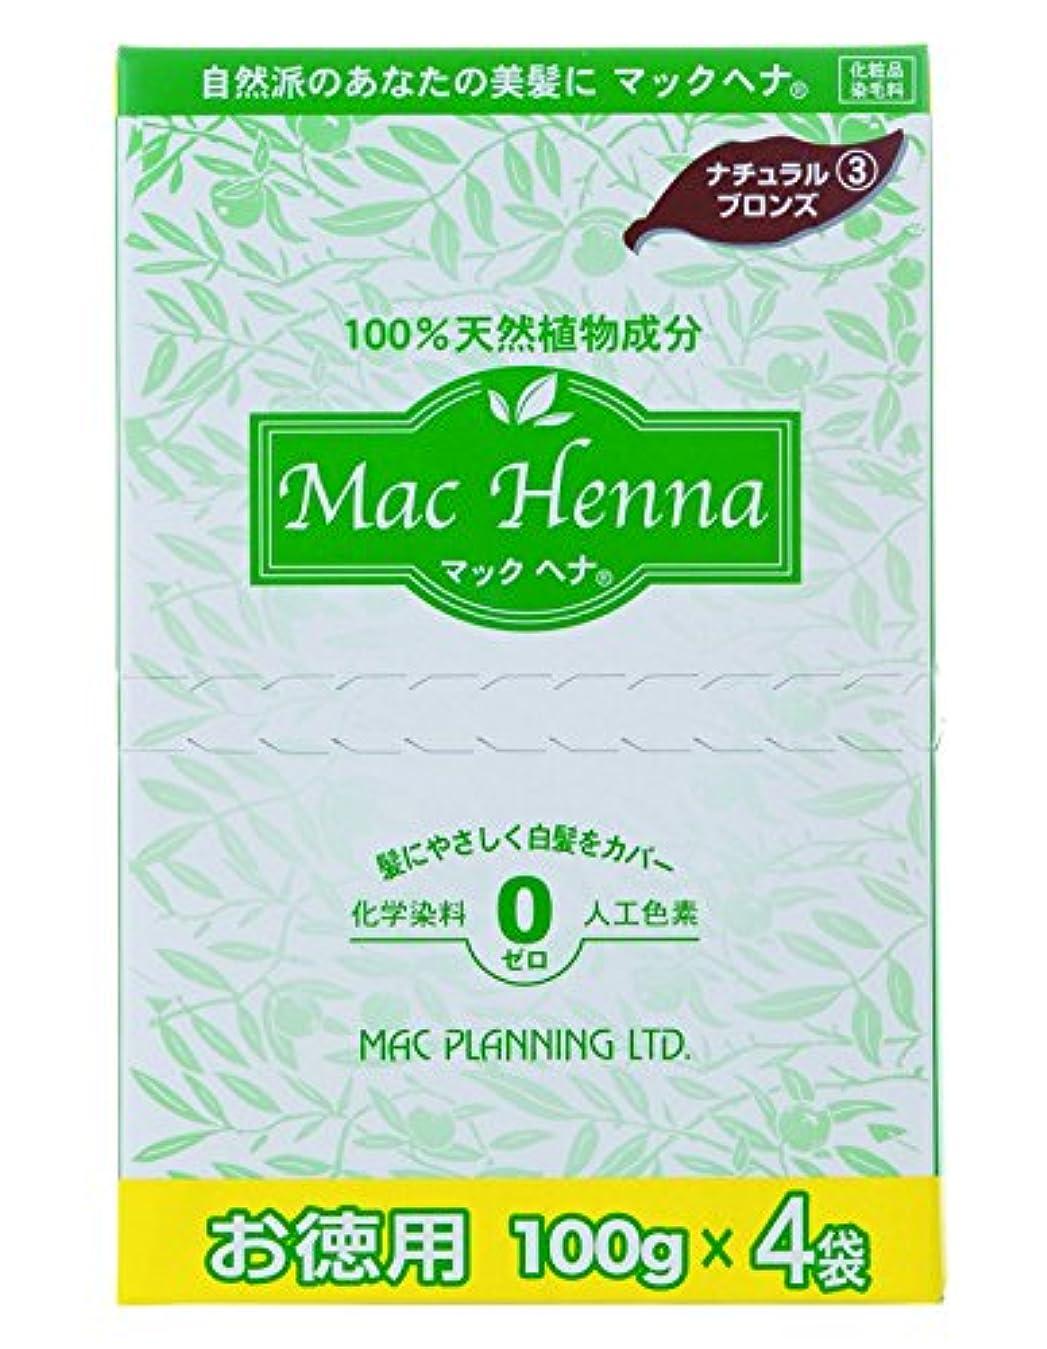 マックヘナ お徳用 ナチュラルブロンズ400g ヘナ白髪用カラー